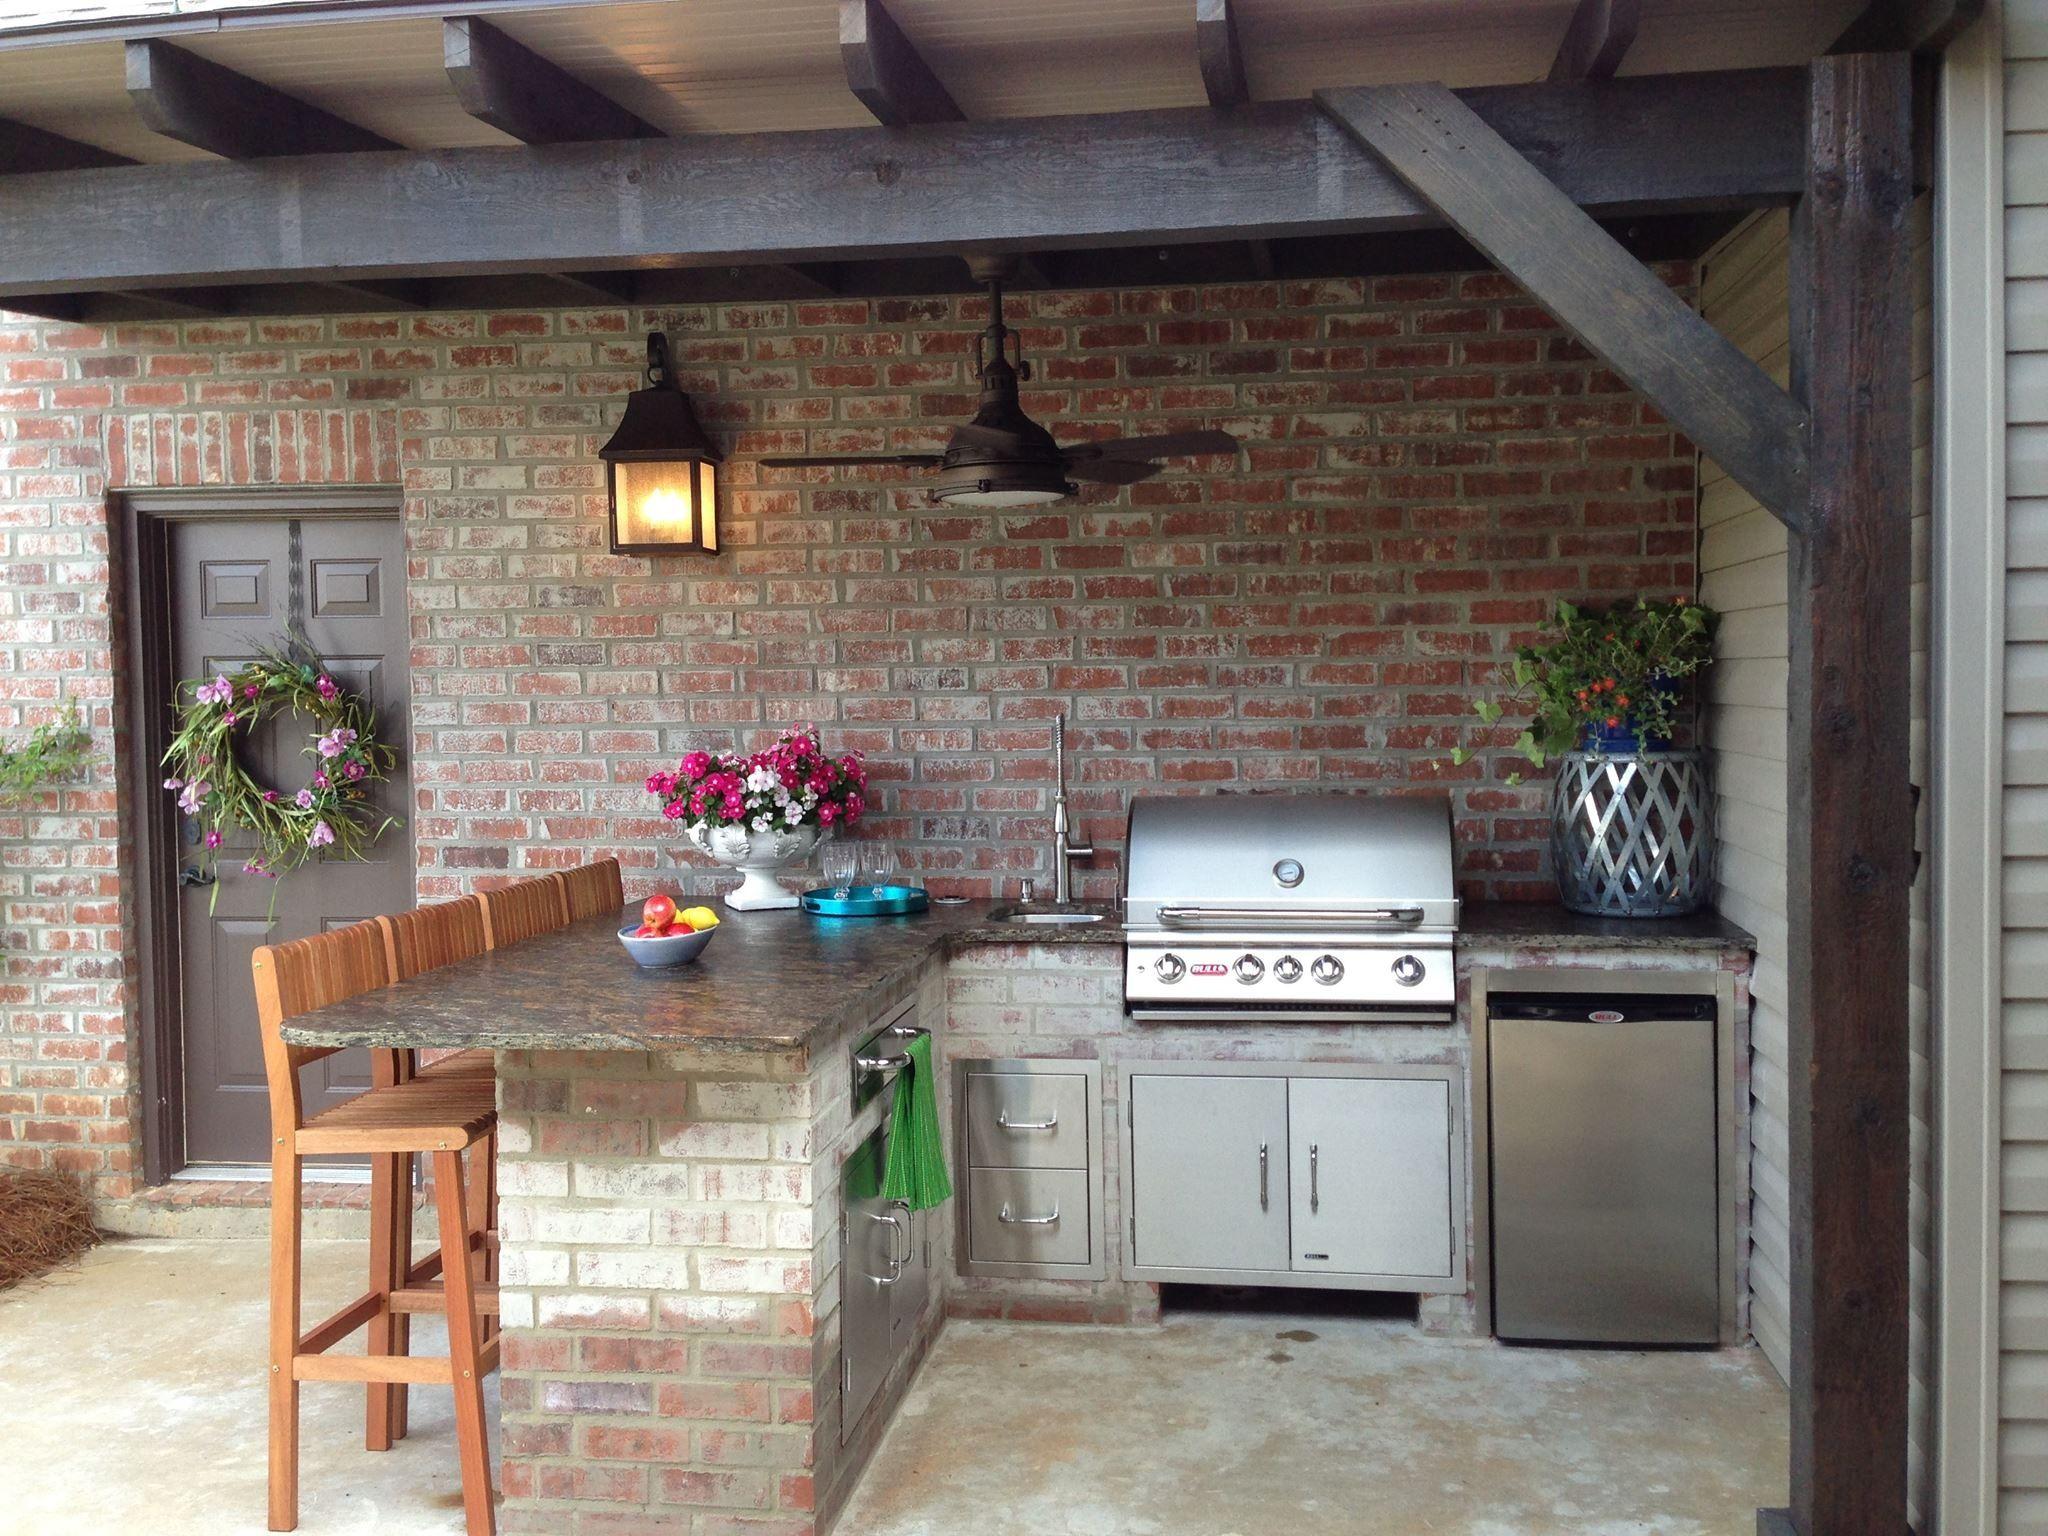 Outdoor Kitchen Patio on Pinterest  Outdoor Kitchen